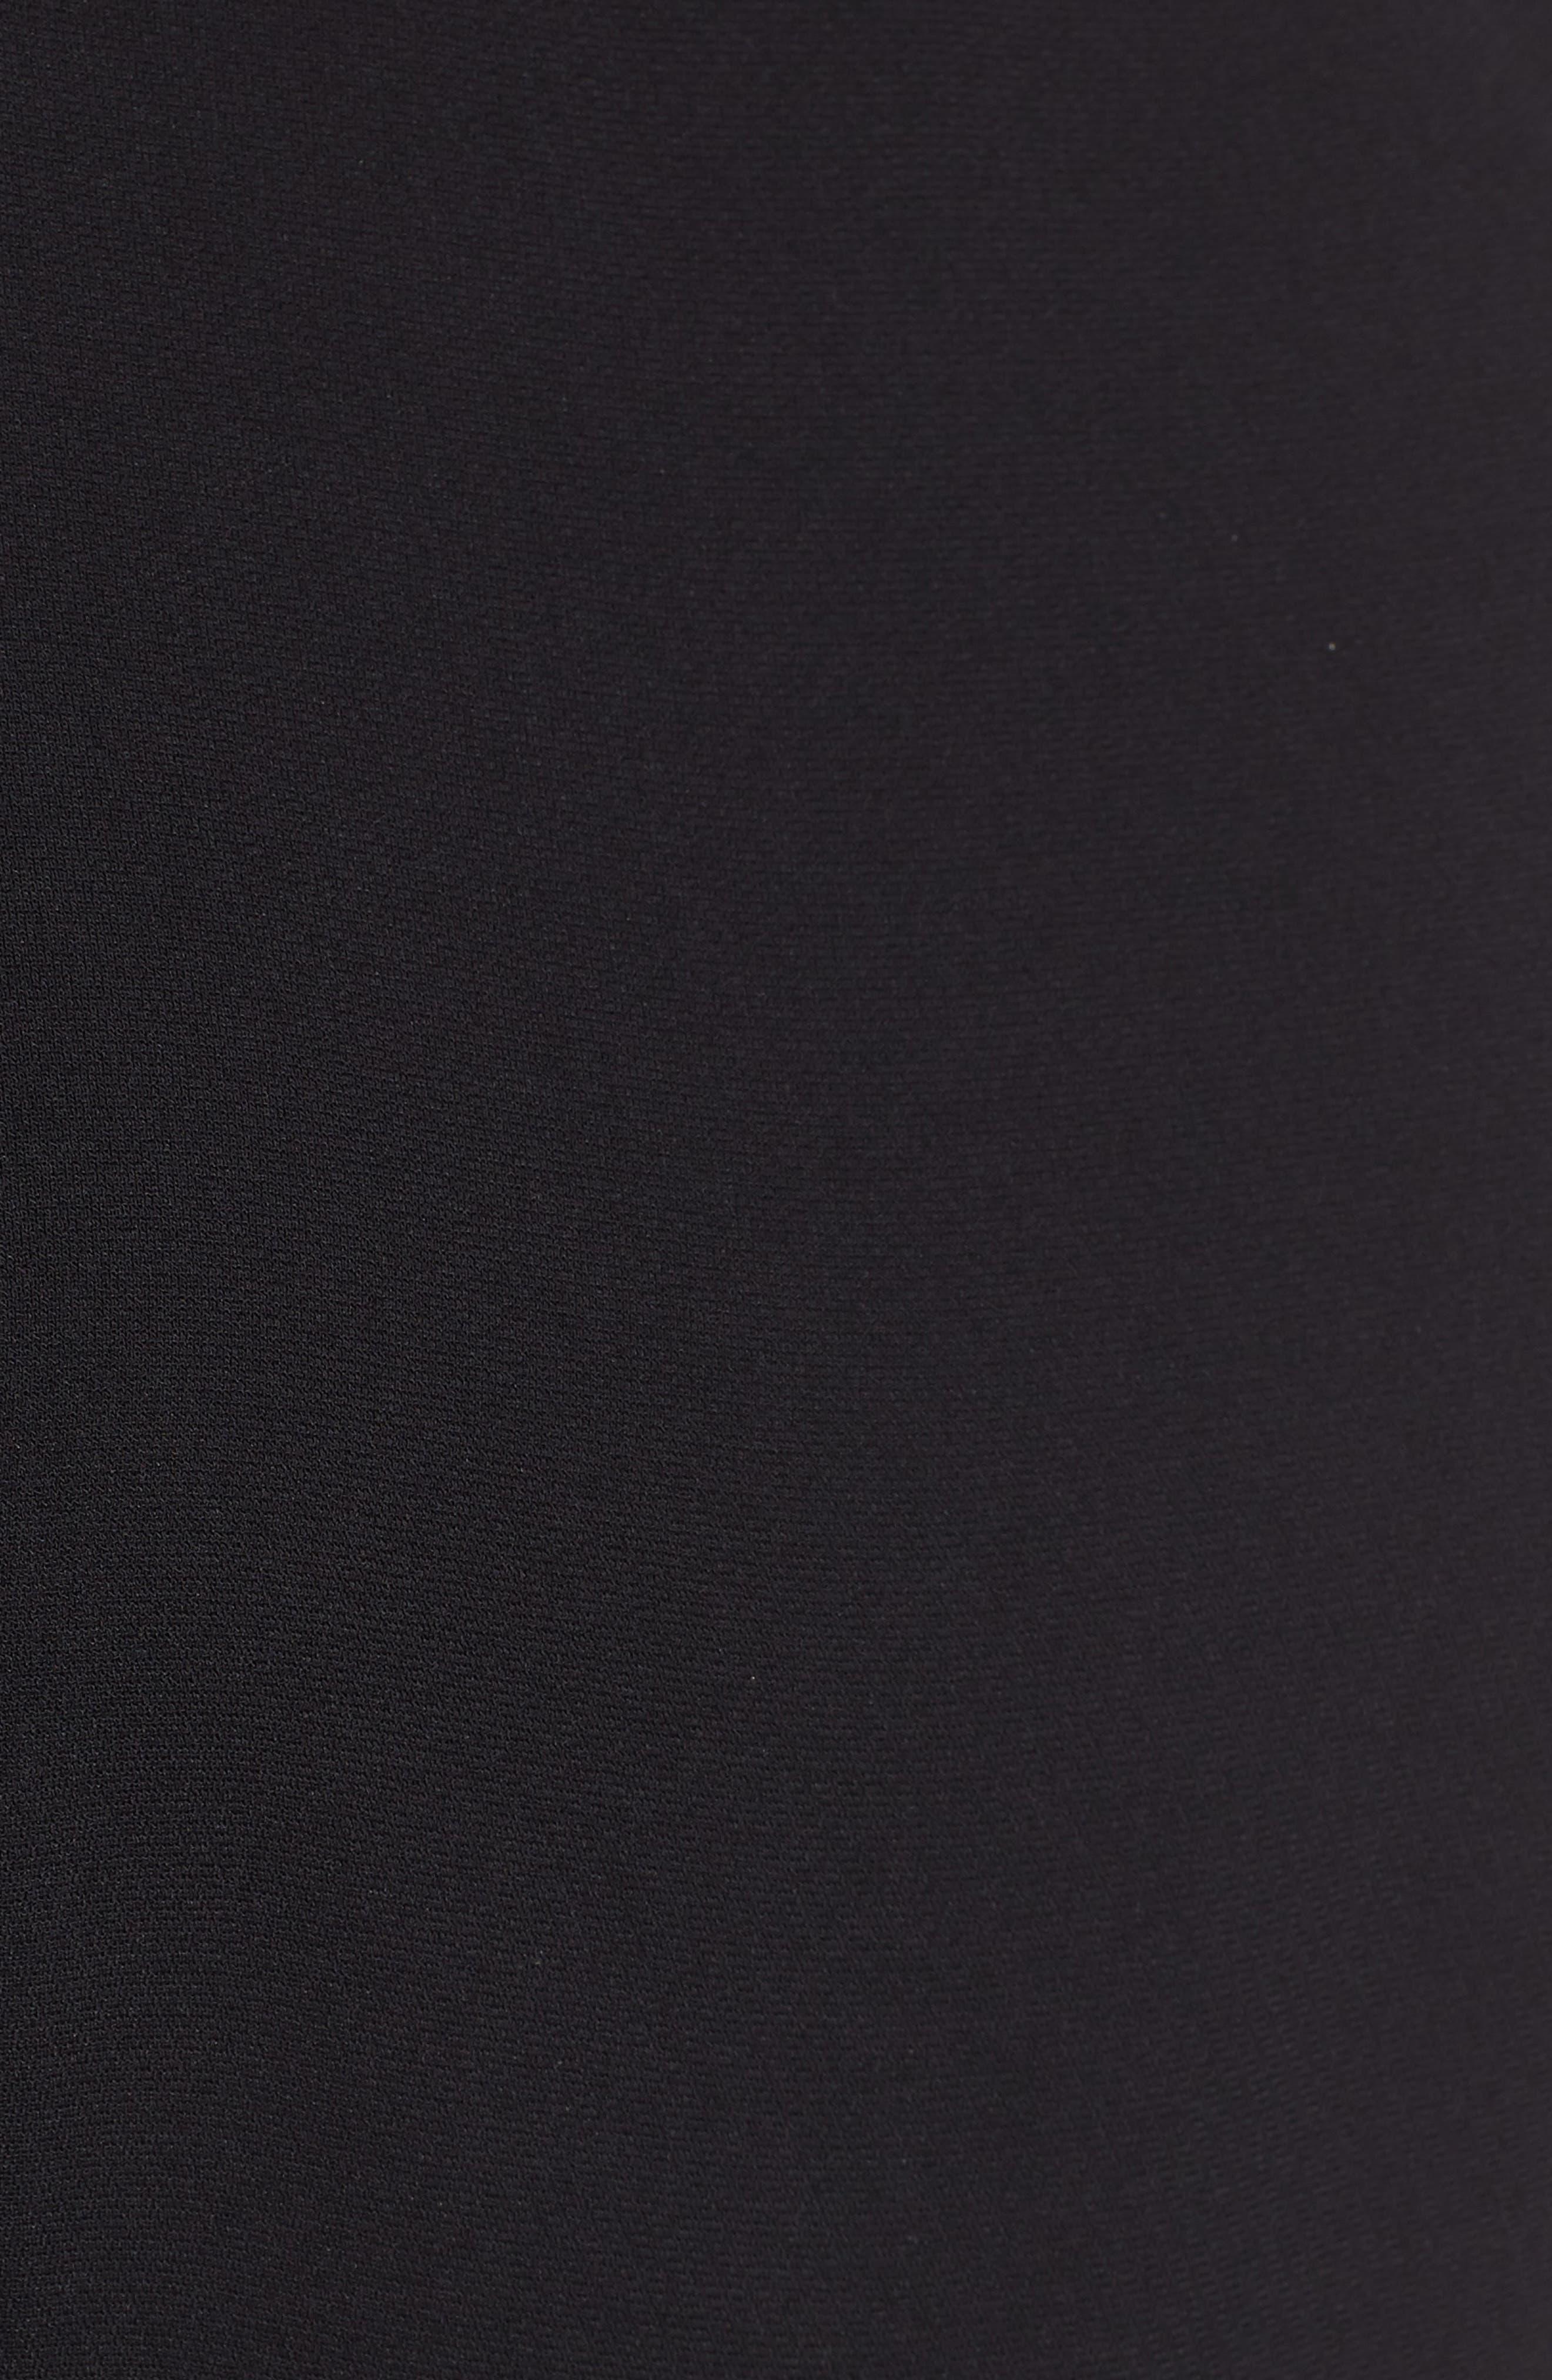 Buckle Waist Jumpsuit,                             Alternate thumbnail 6, color,                             BLACK